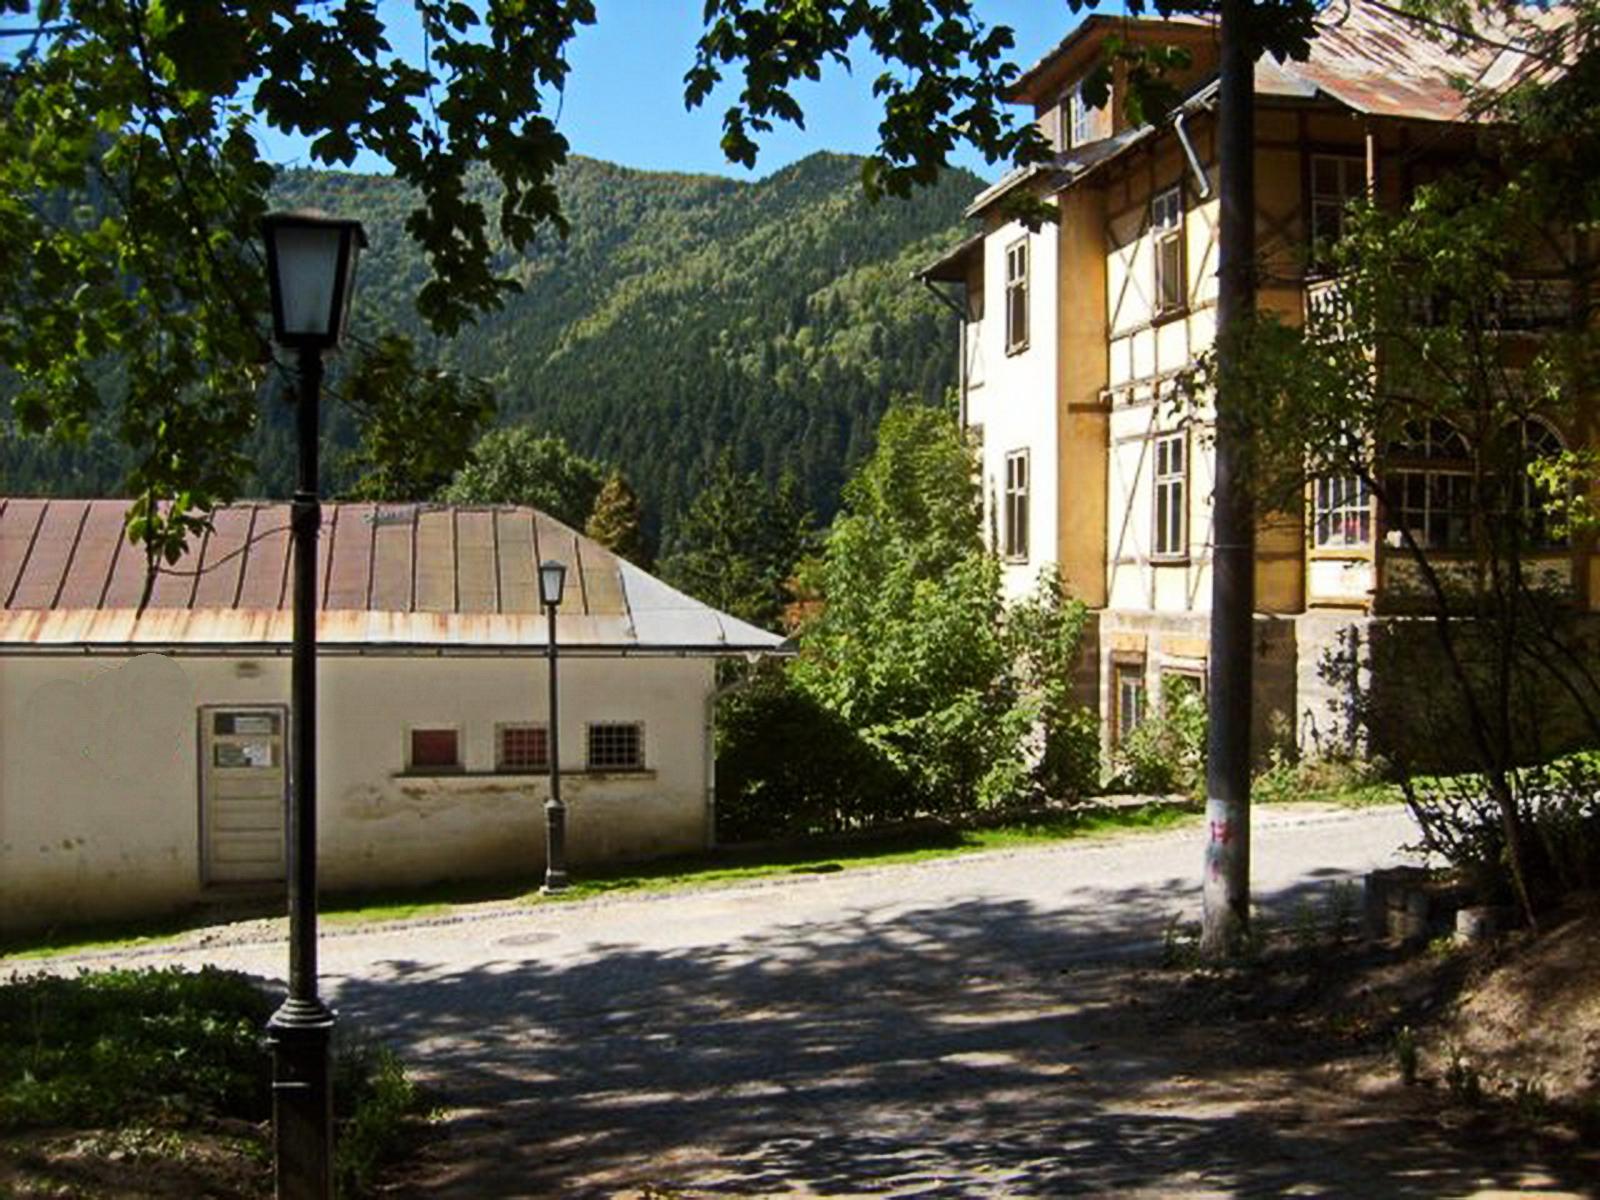 lareral vila+strand 4